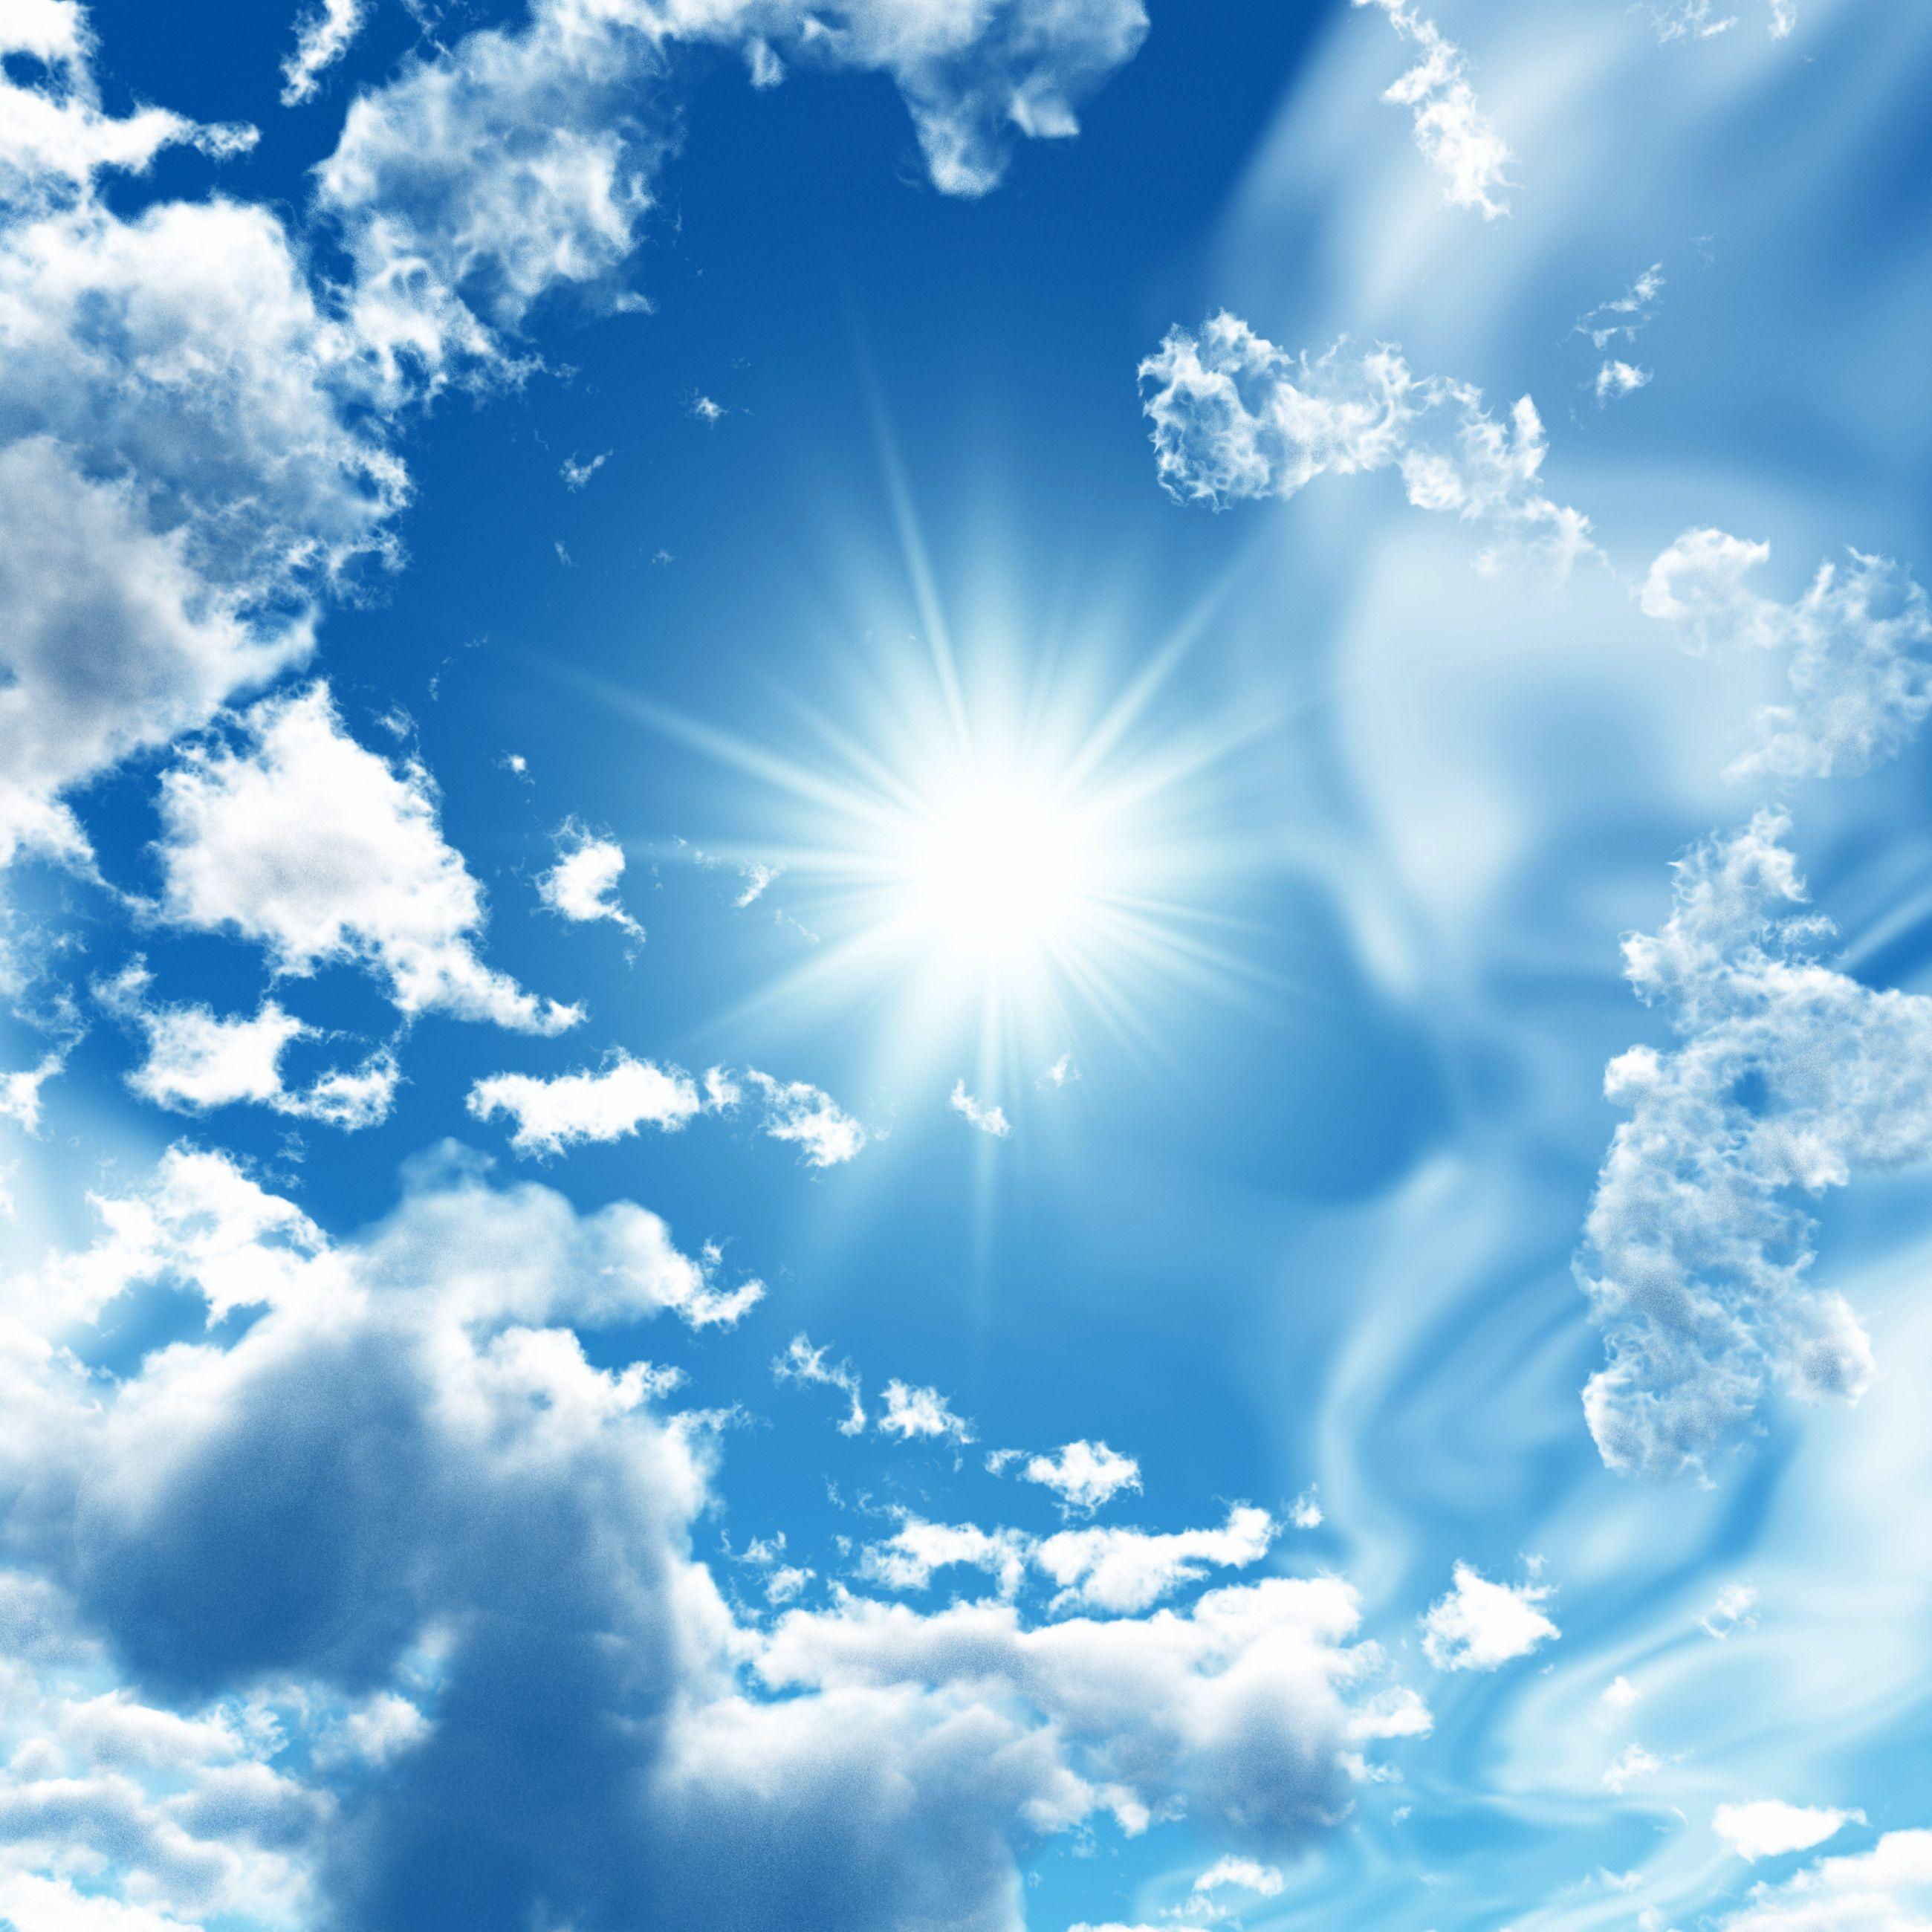 фотопечатью воплощаются картинки на телефон голубое небо остекления используется